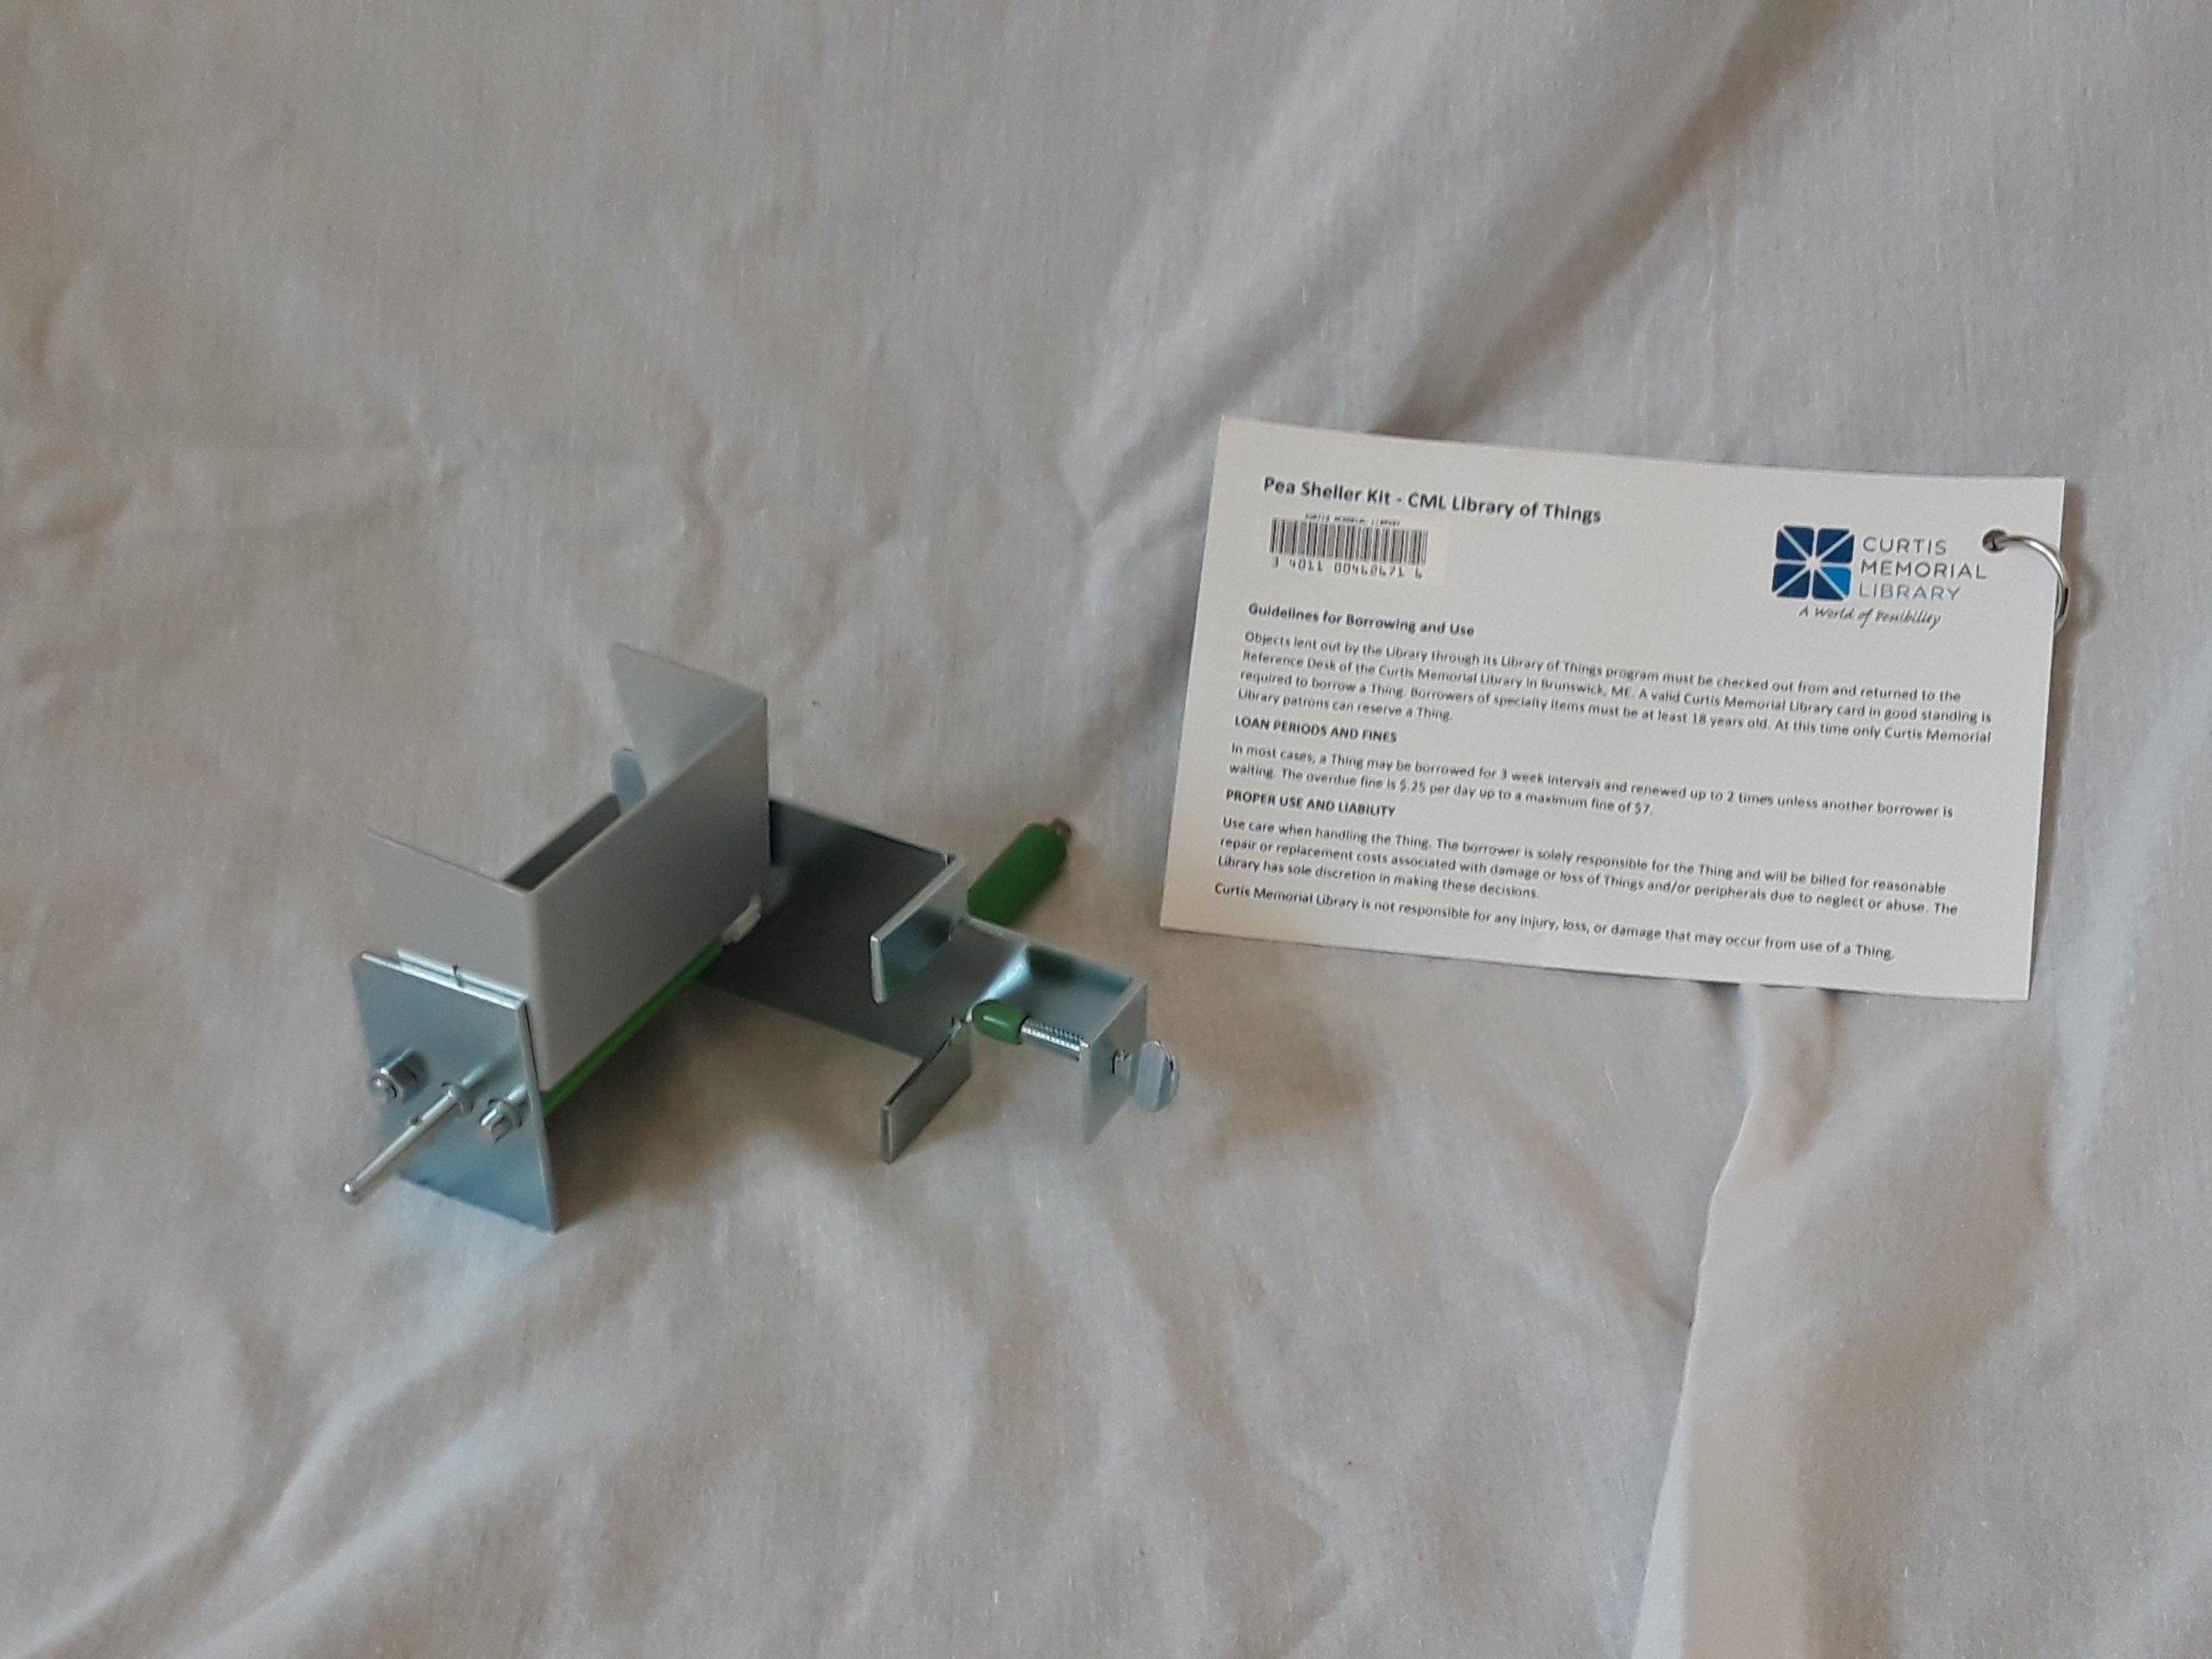 Pea Sheller Kit